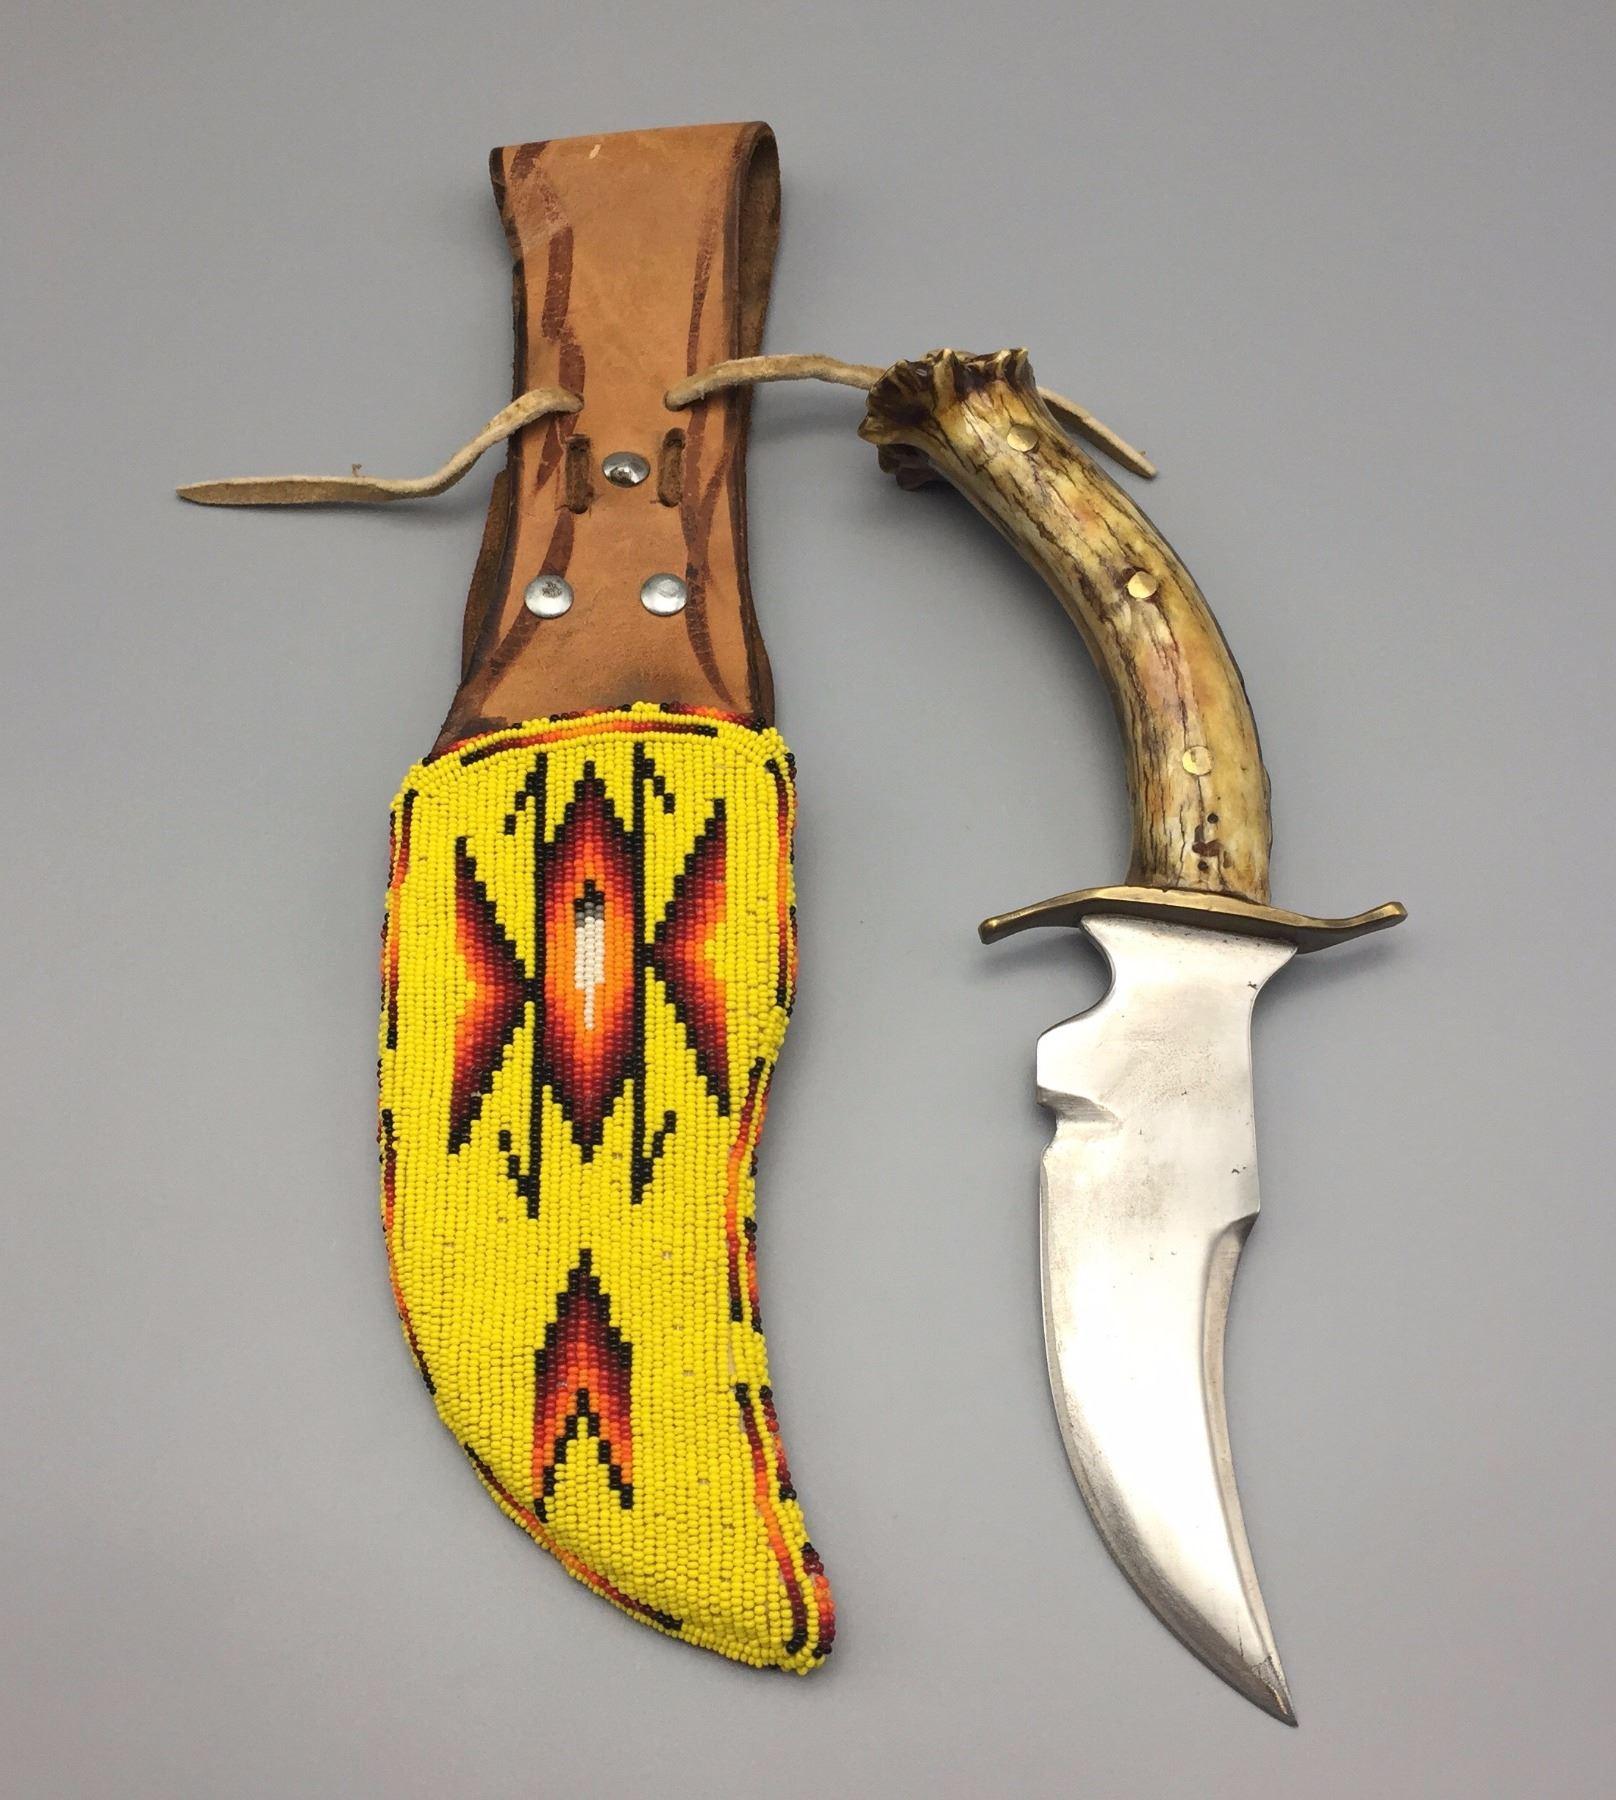 Handmade Apache Beaded Knife Sheath with Knife